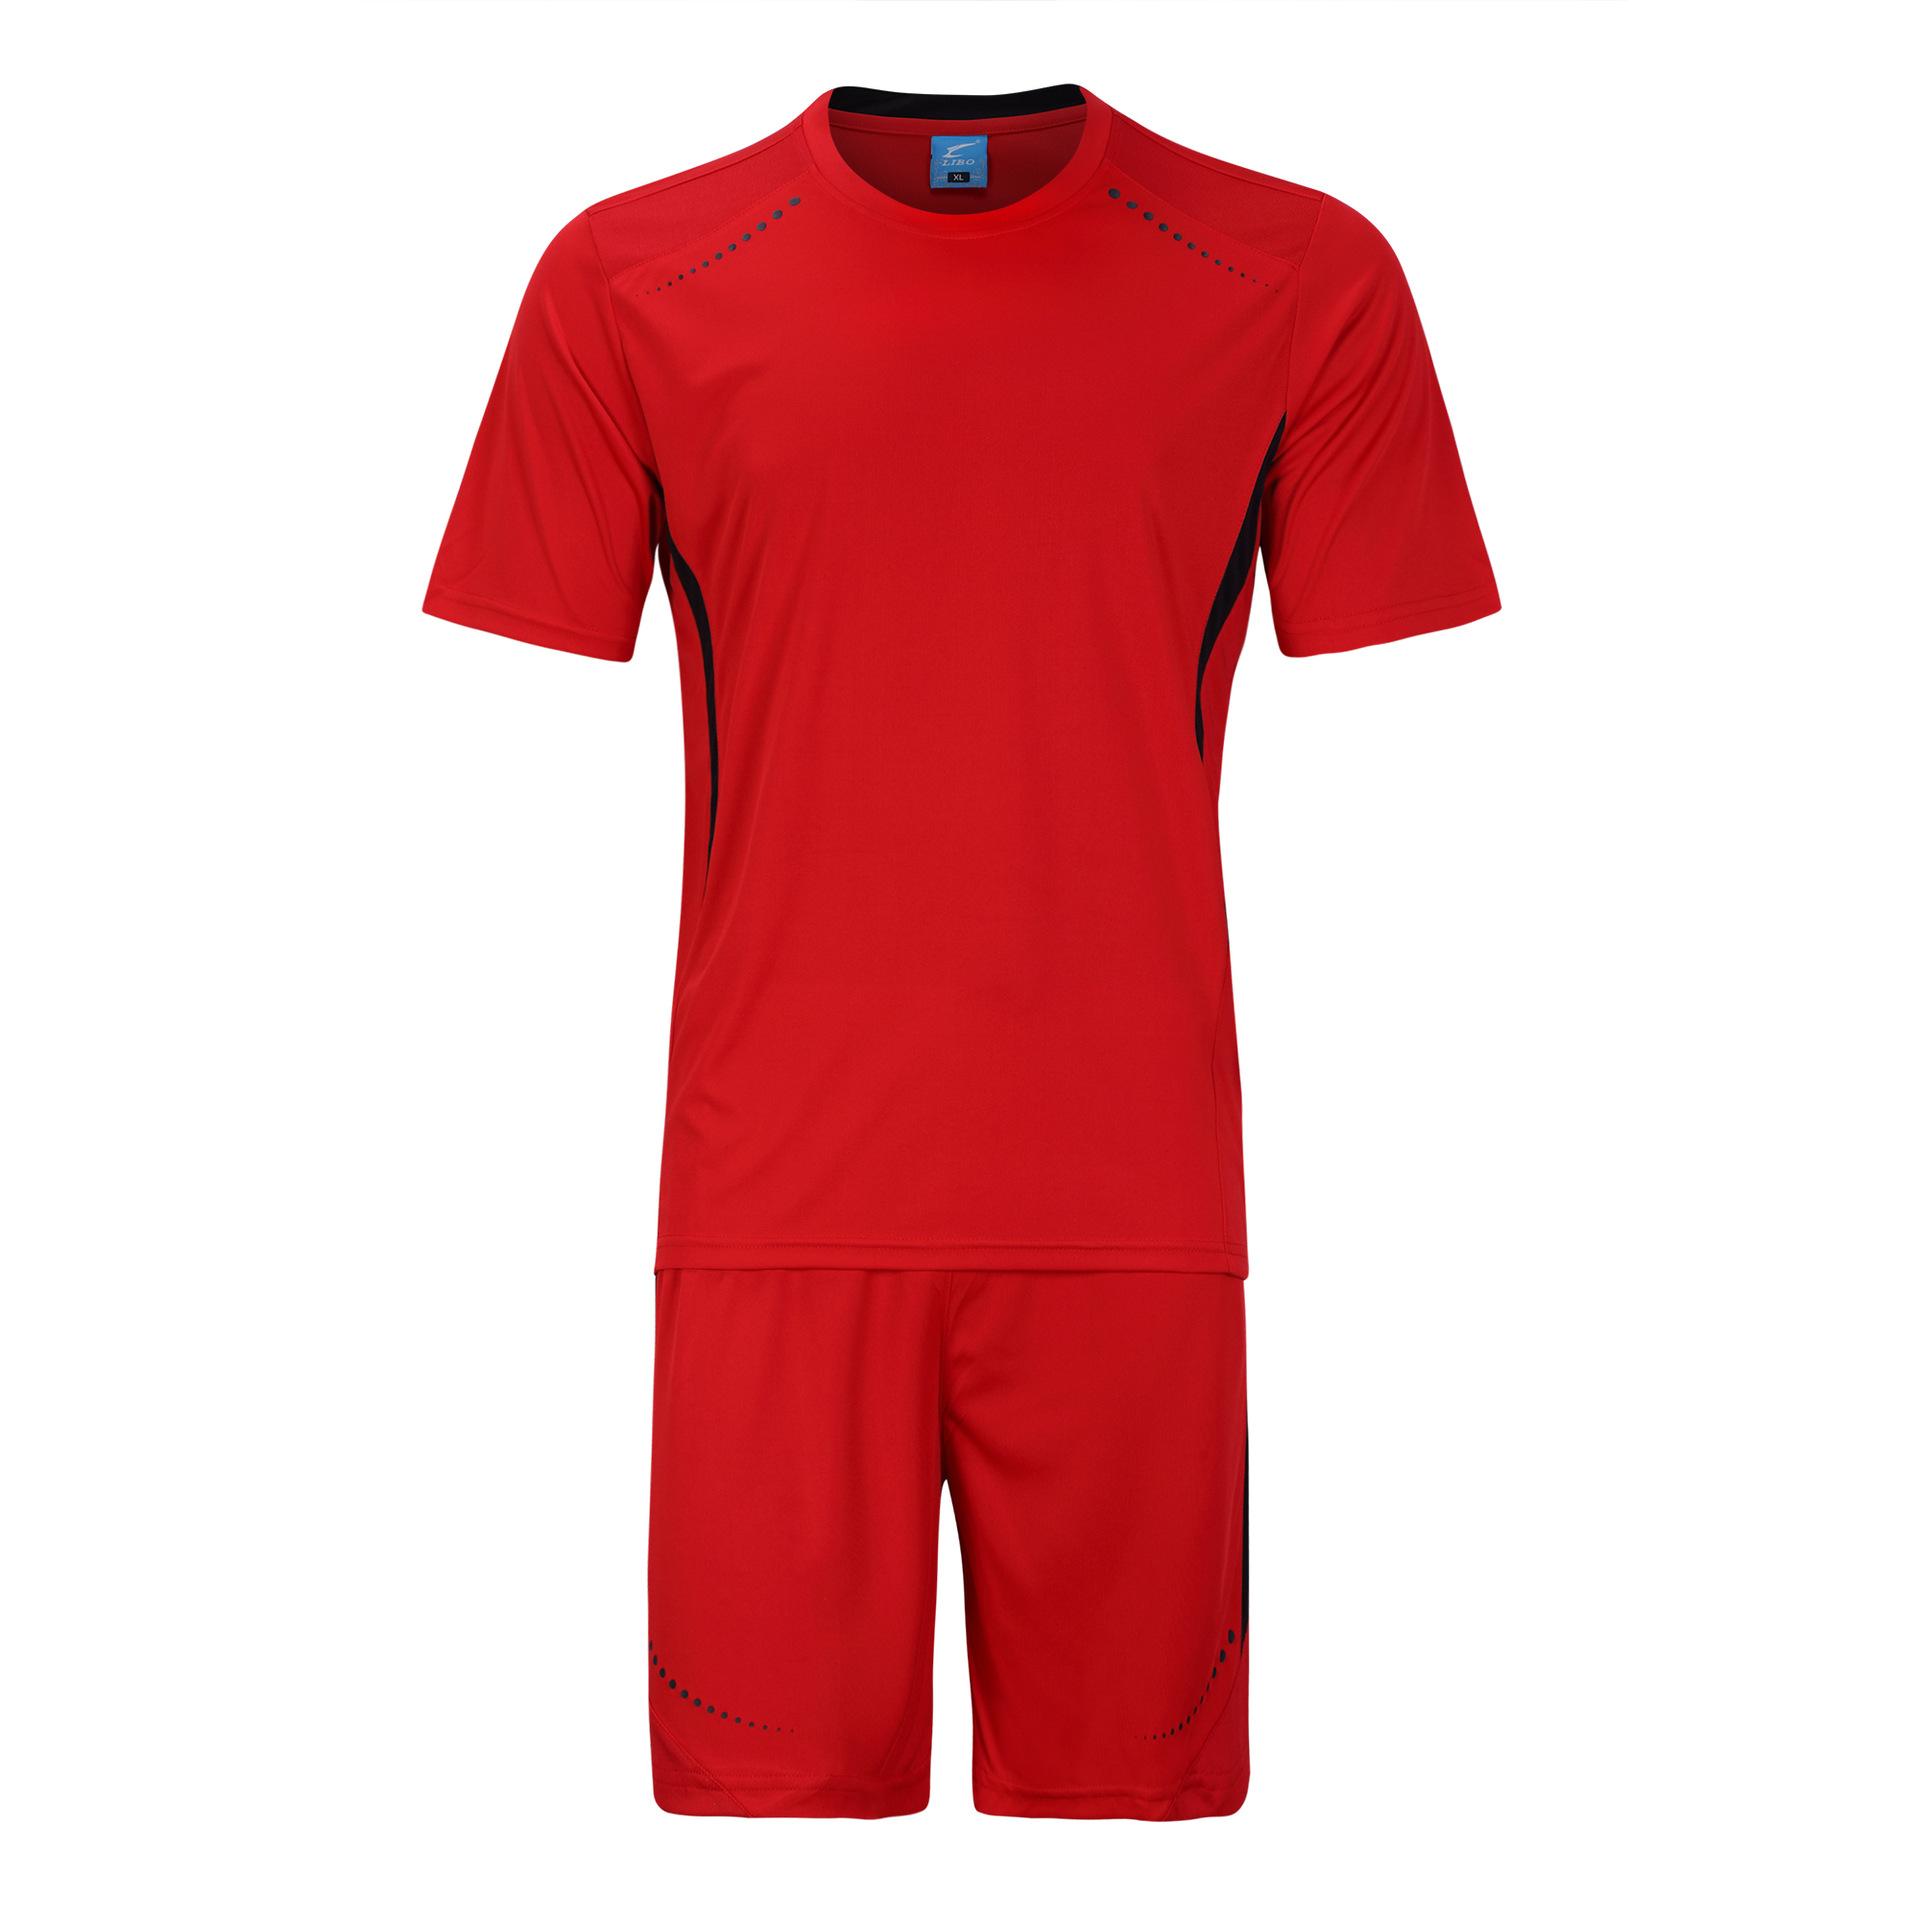 Buy Soccer Uniform 101